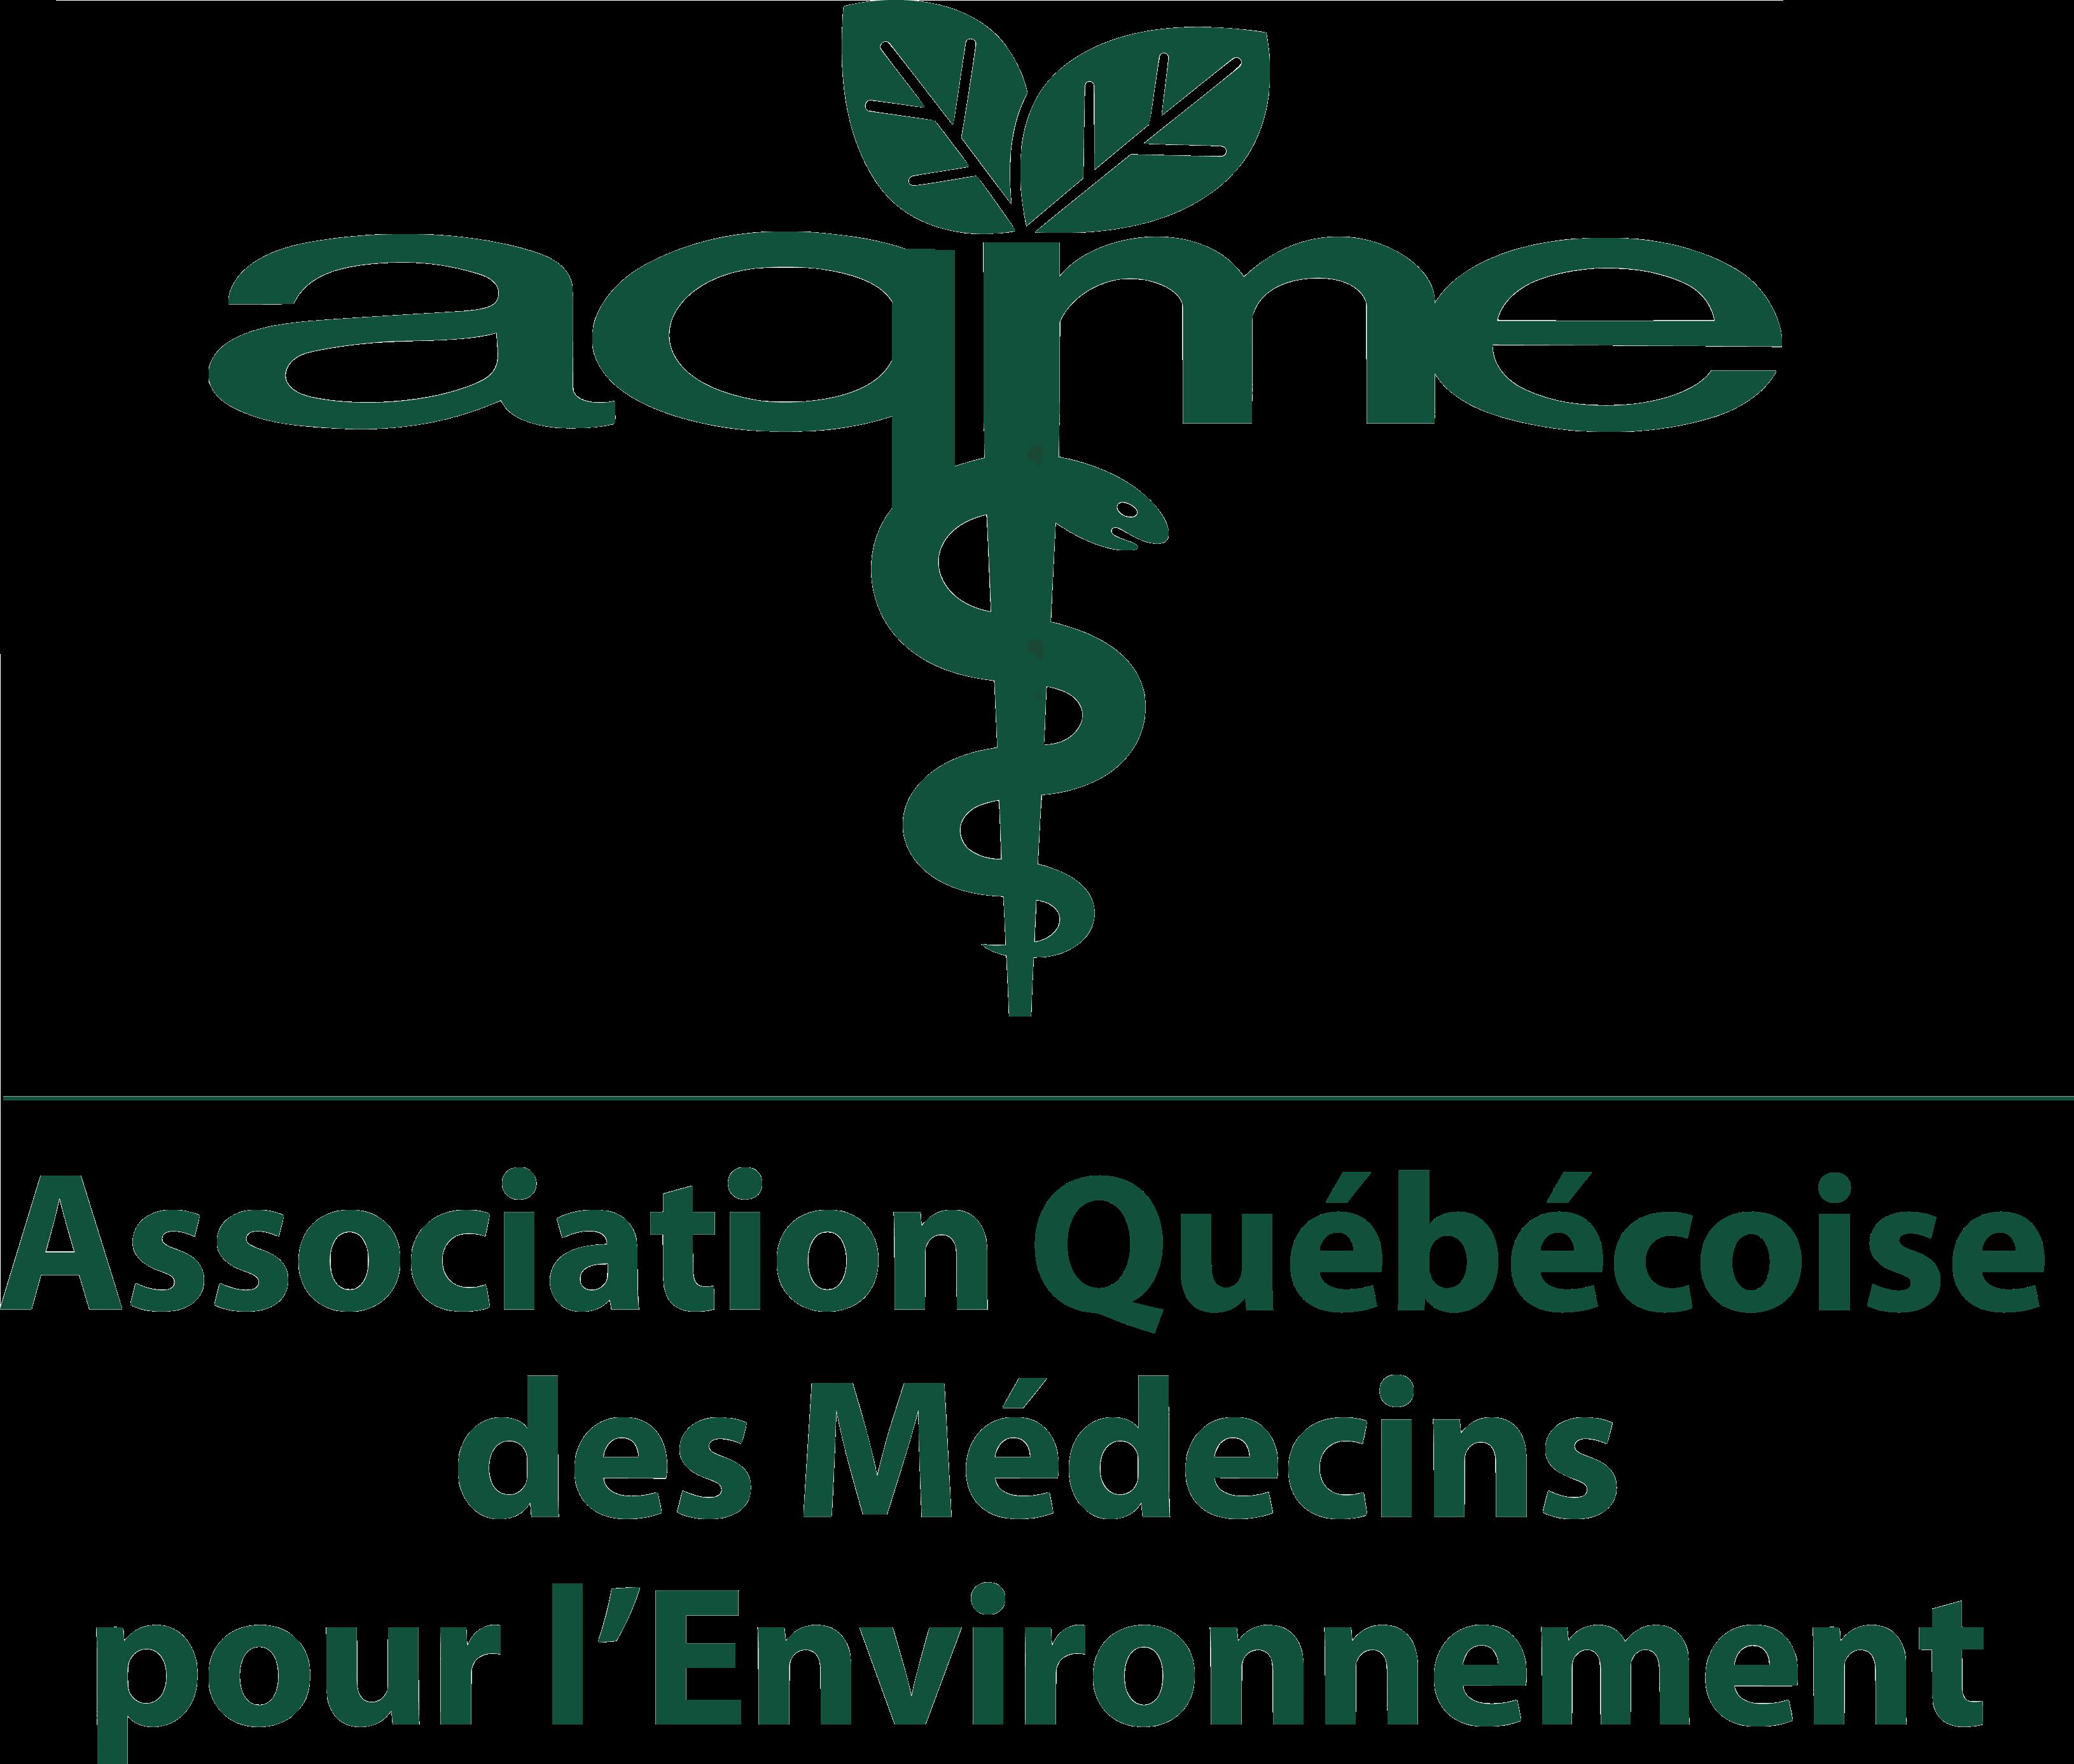 Association Québécoise des Médecins pour l'Environnement